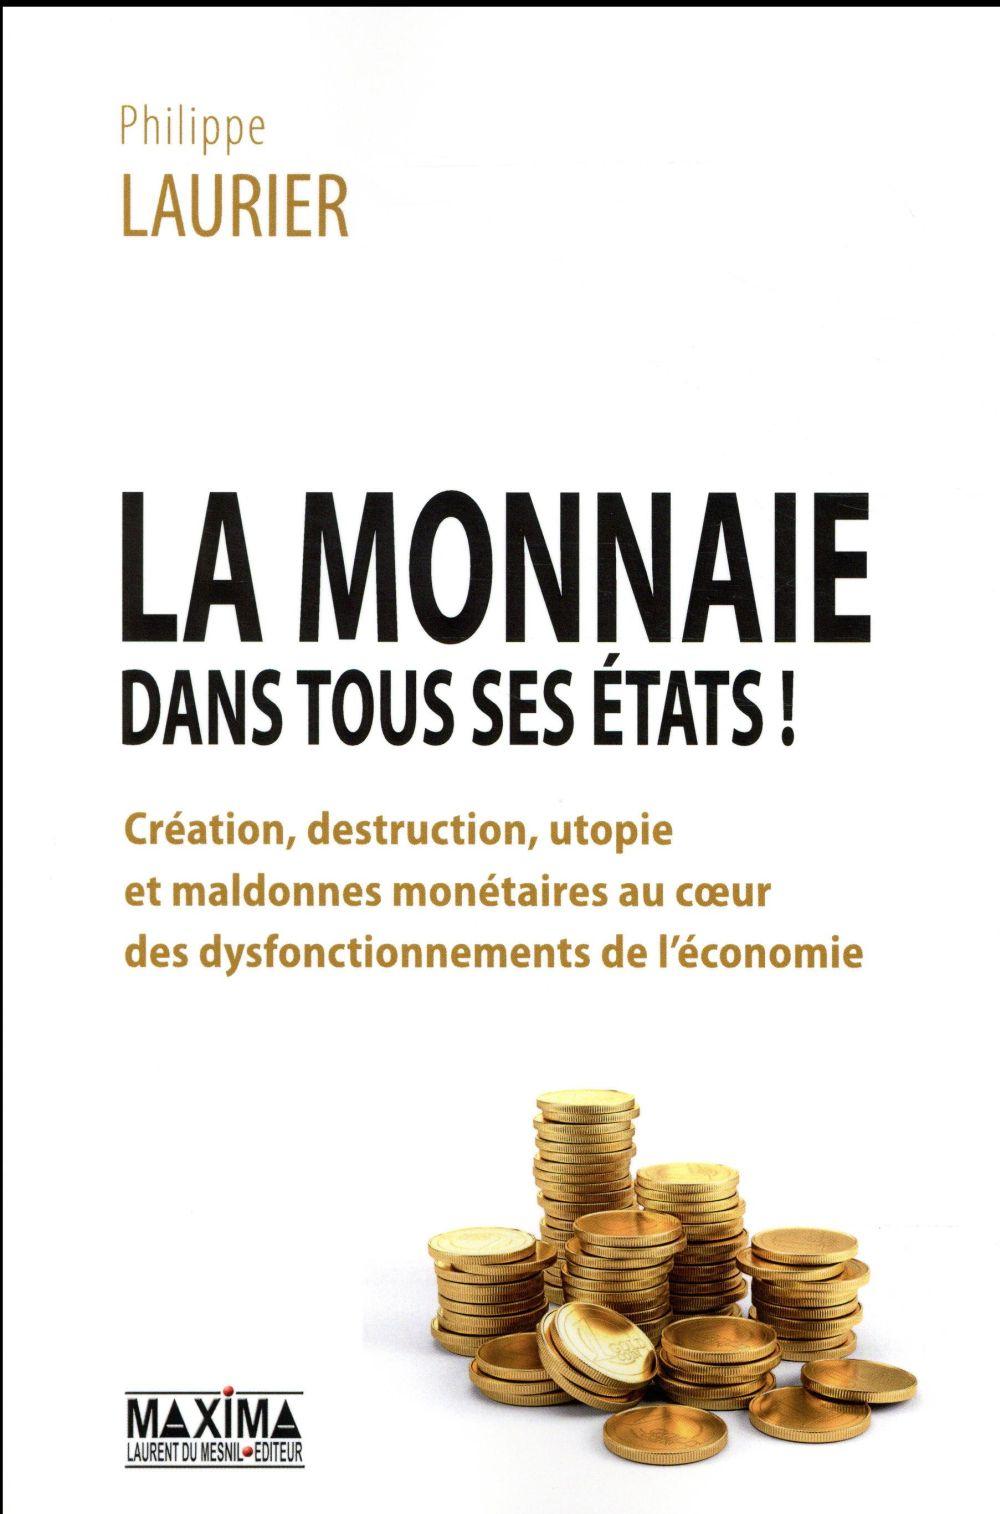 LA MONNAIE DANS TOUS SES ETATS !